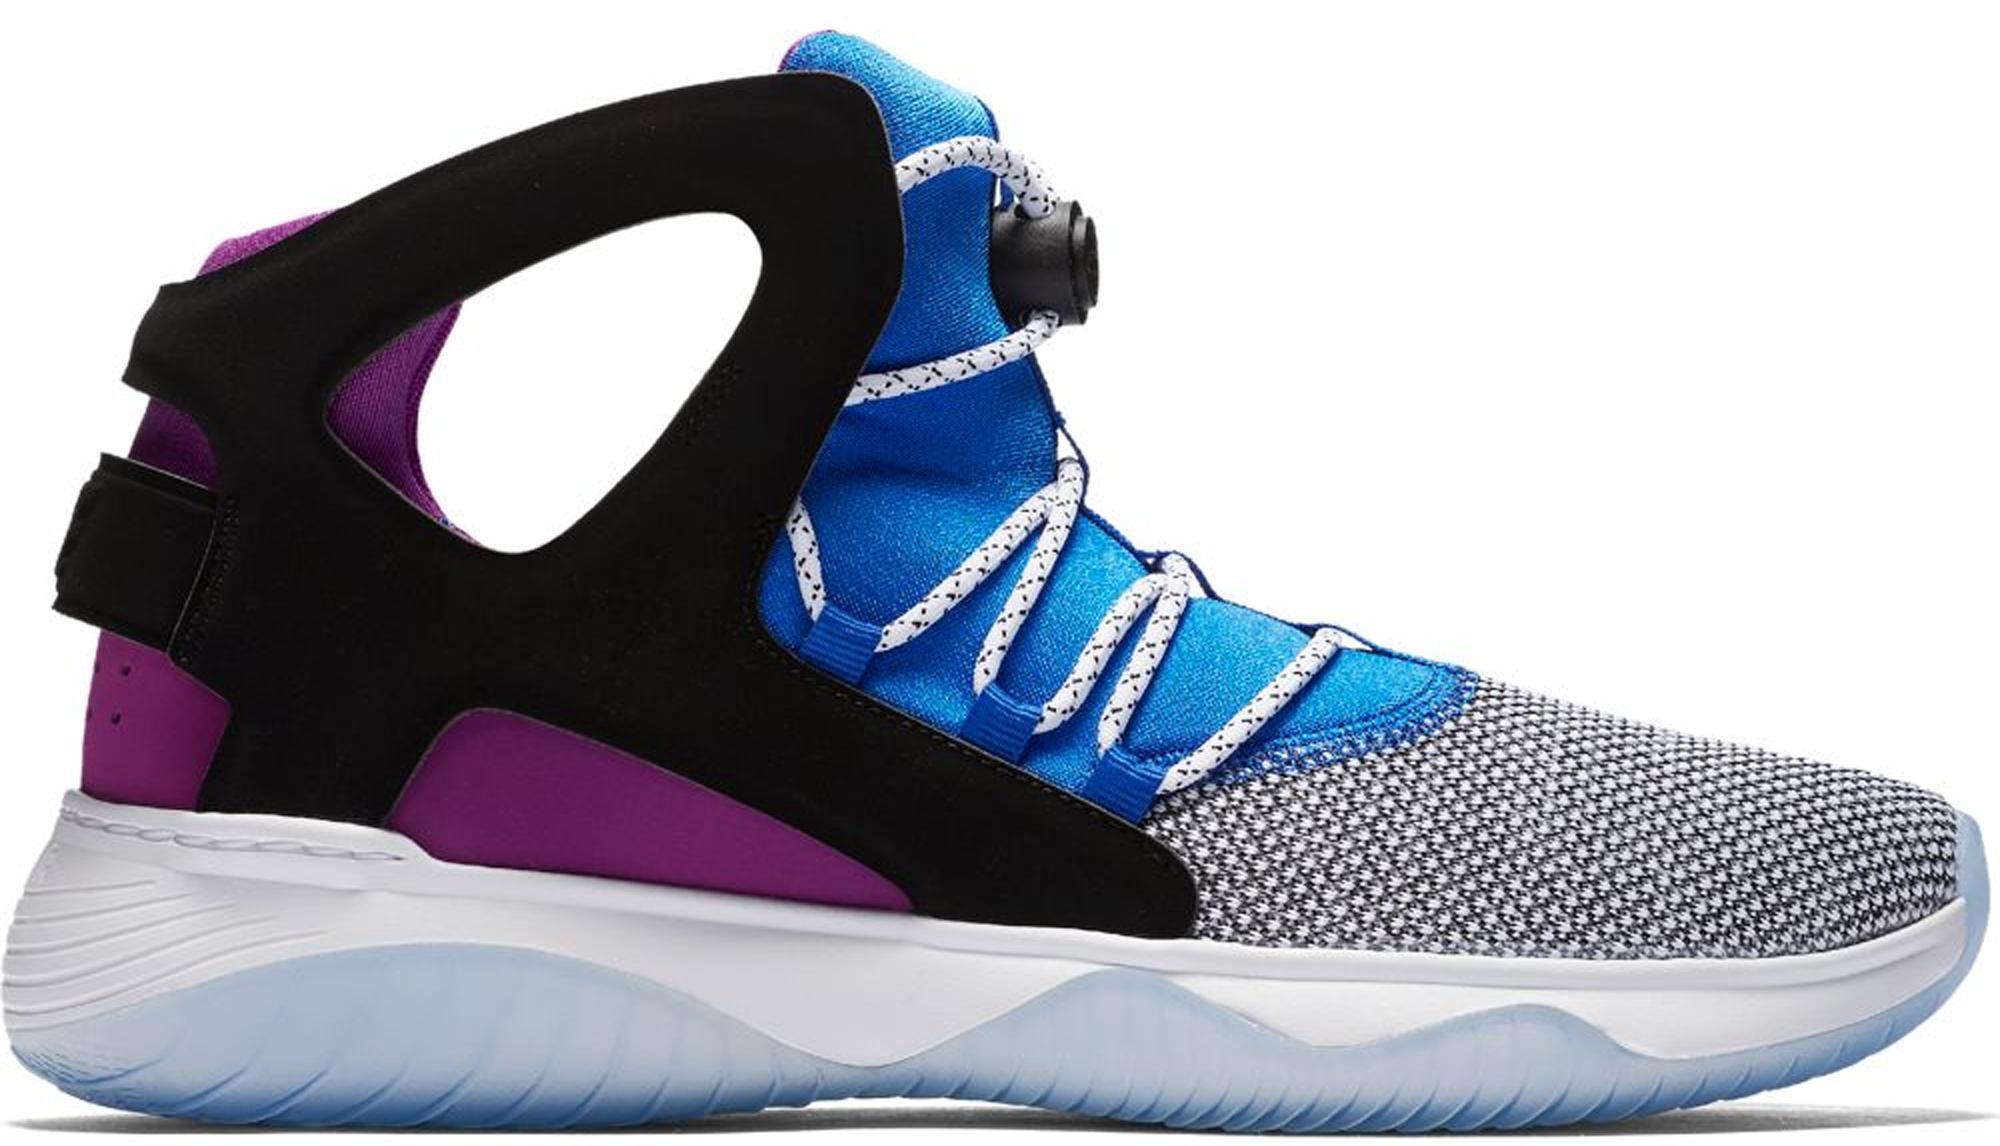 Nike Neoprene Air Flight Huarache Ultra White/black/lyon/blue Basketball Shoe 10 Men Us for Men - Save 80%